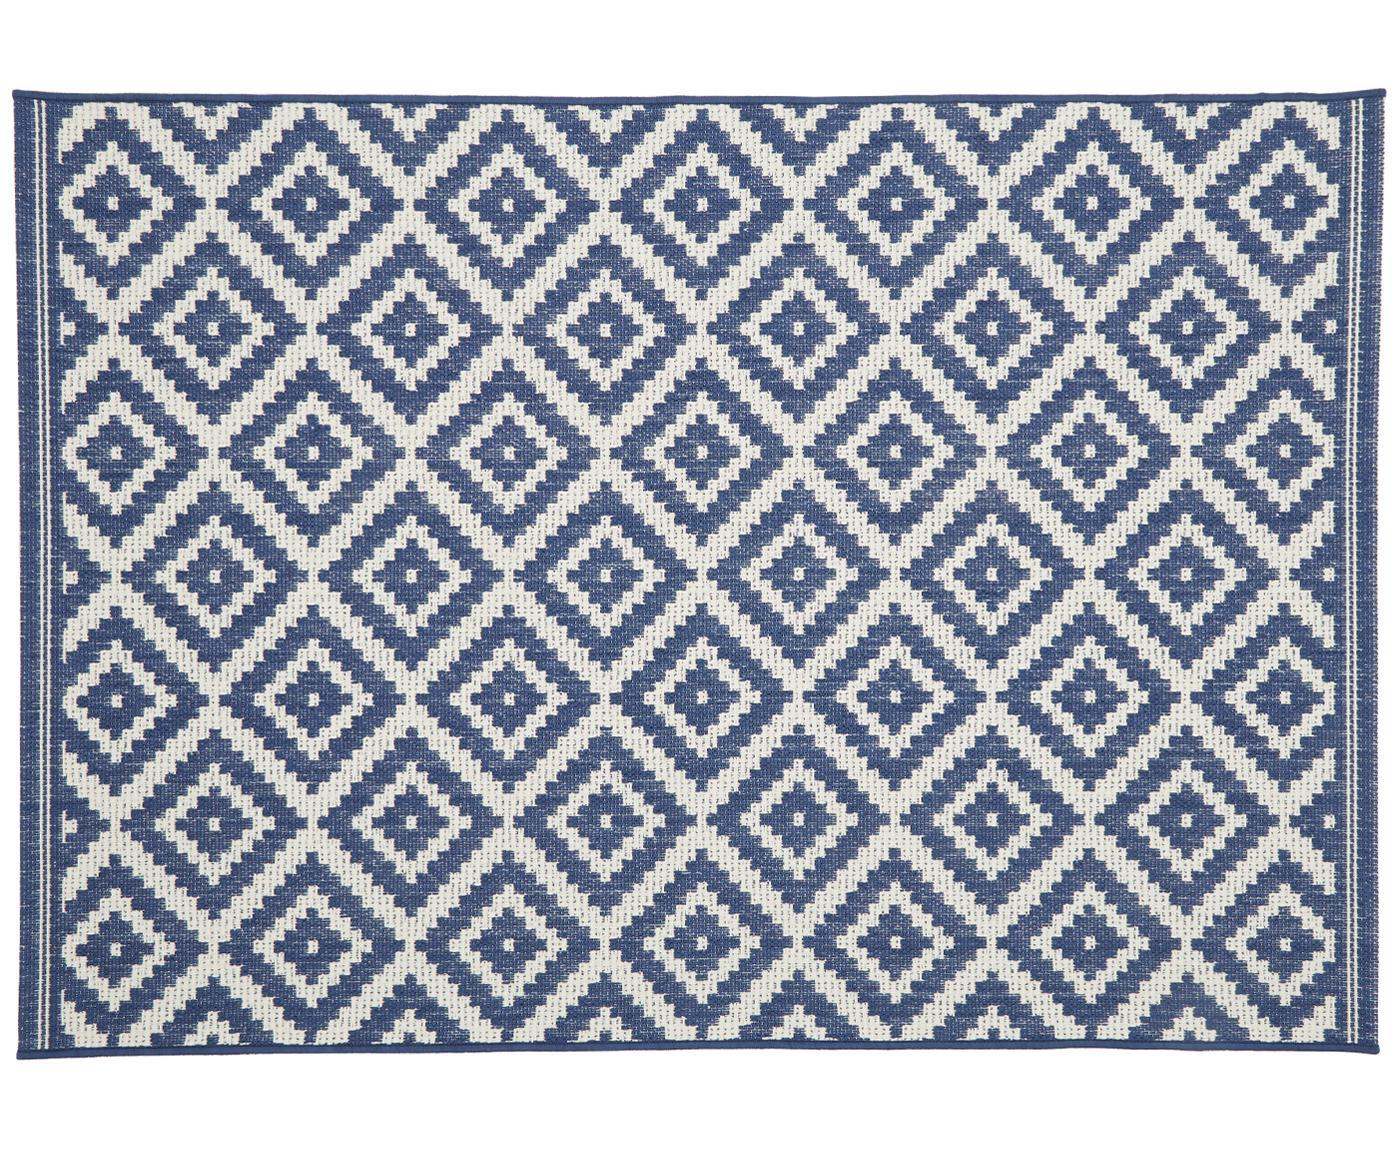 Tappeto da interno-esterno Miami, Retro: poliestere, Bianco crema, blu, Larg.160 x Lung. 230 cm  (taglia M)